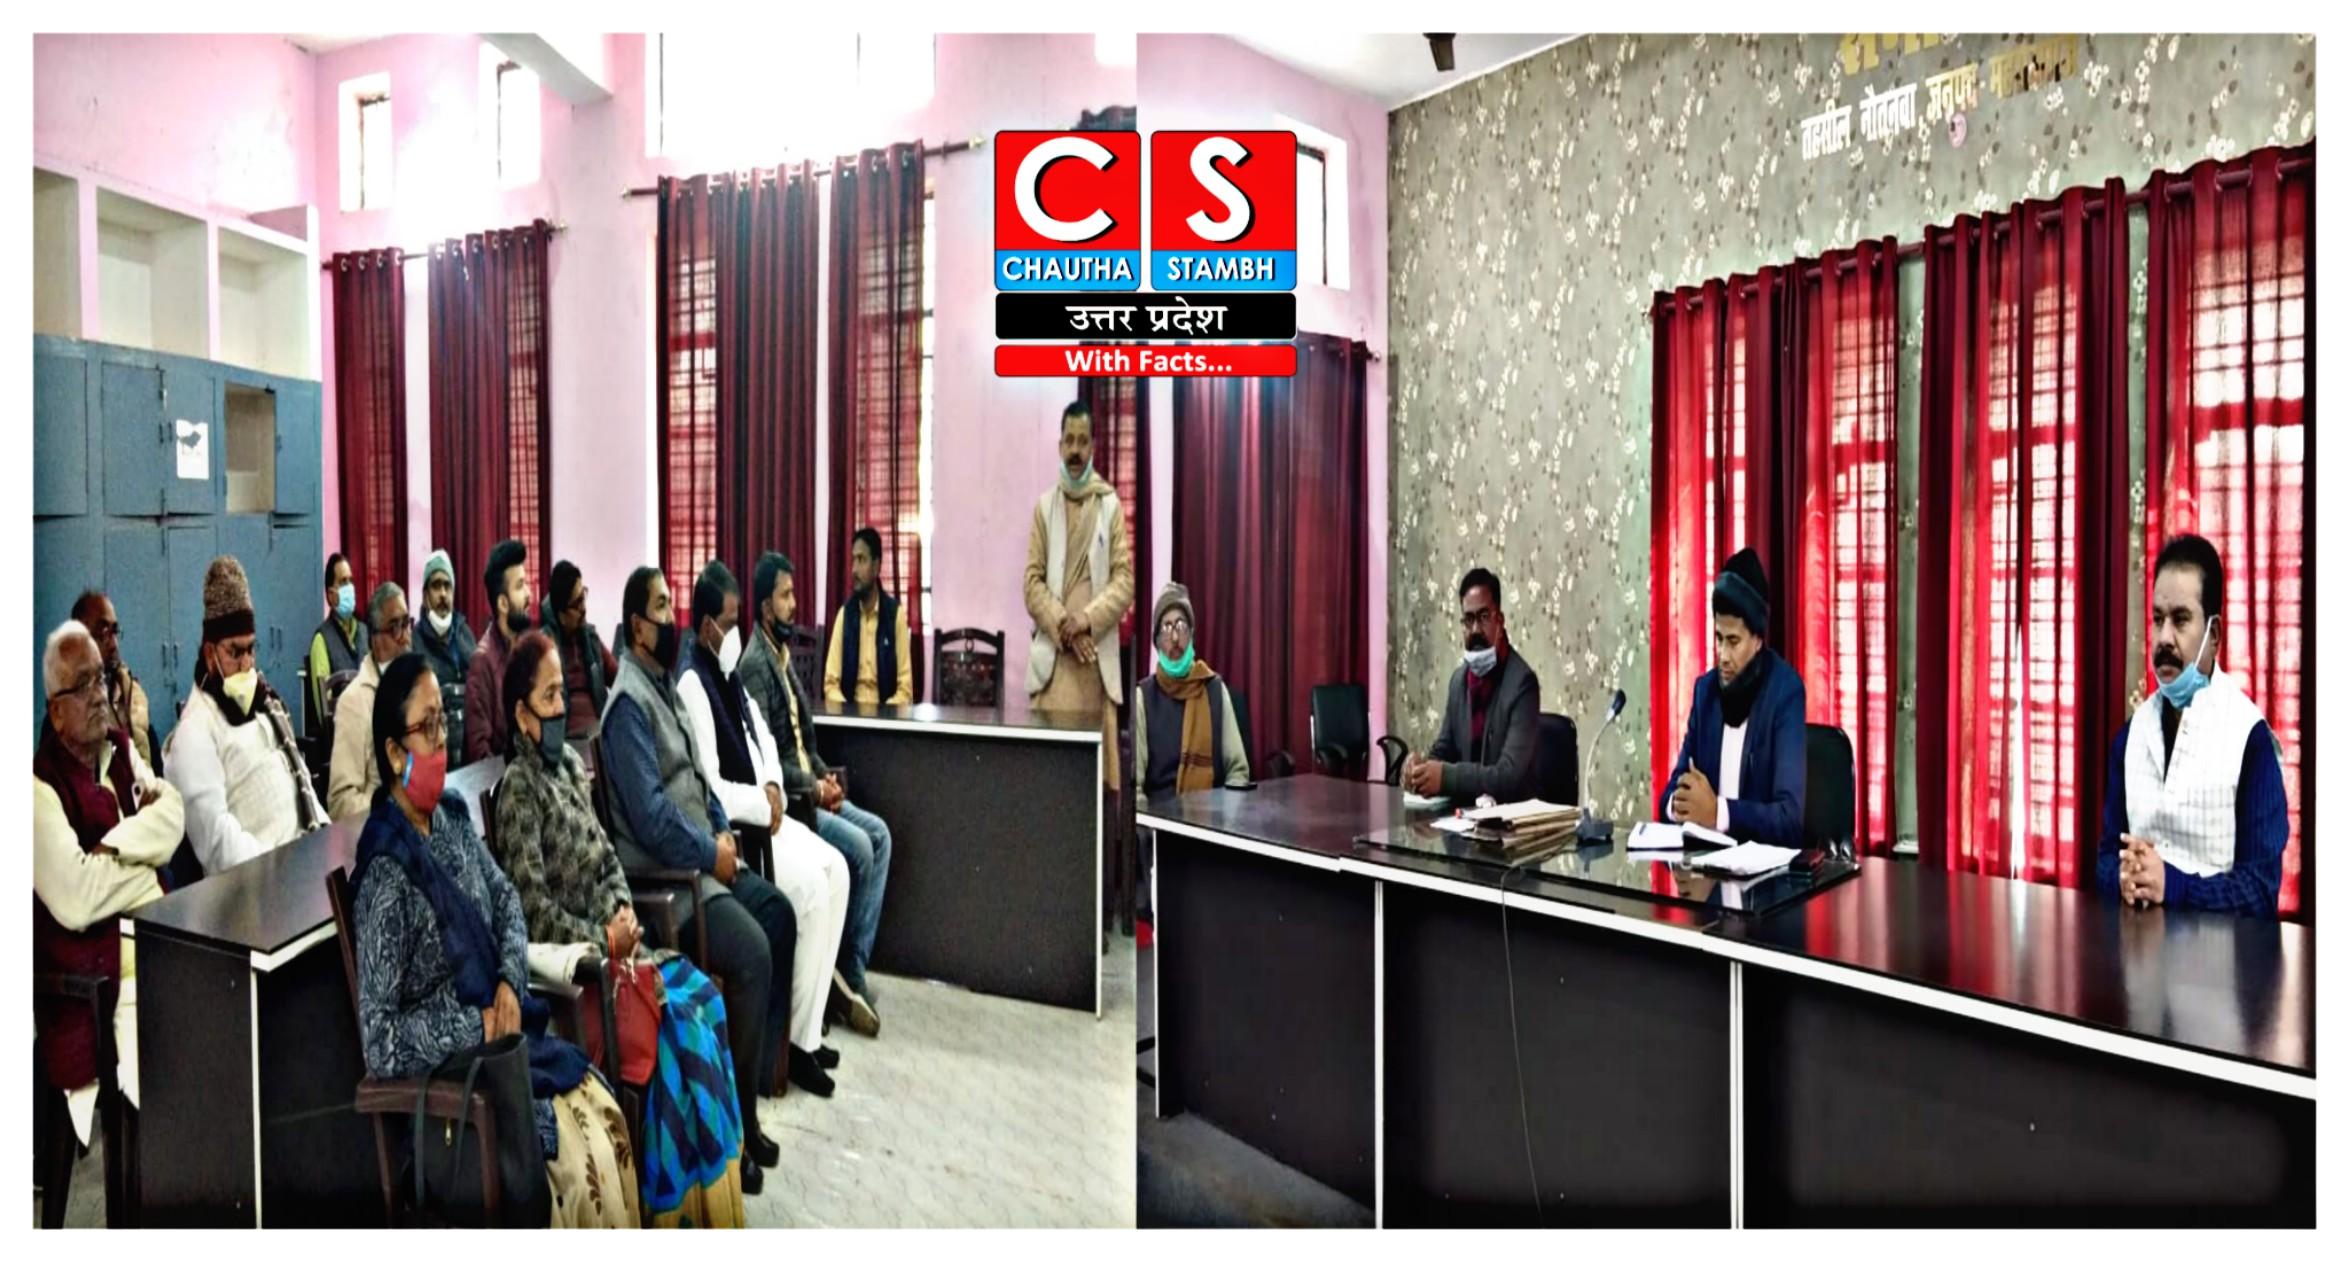 नौतनवां तहसील में जल्द बनकर तैयार होगा भव्य पुस्तकालय, एसडीएम की अध्यक्षता में बैठक संपन्न